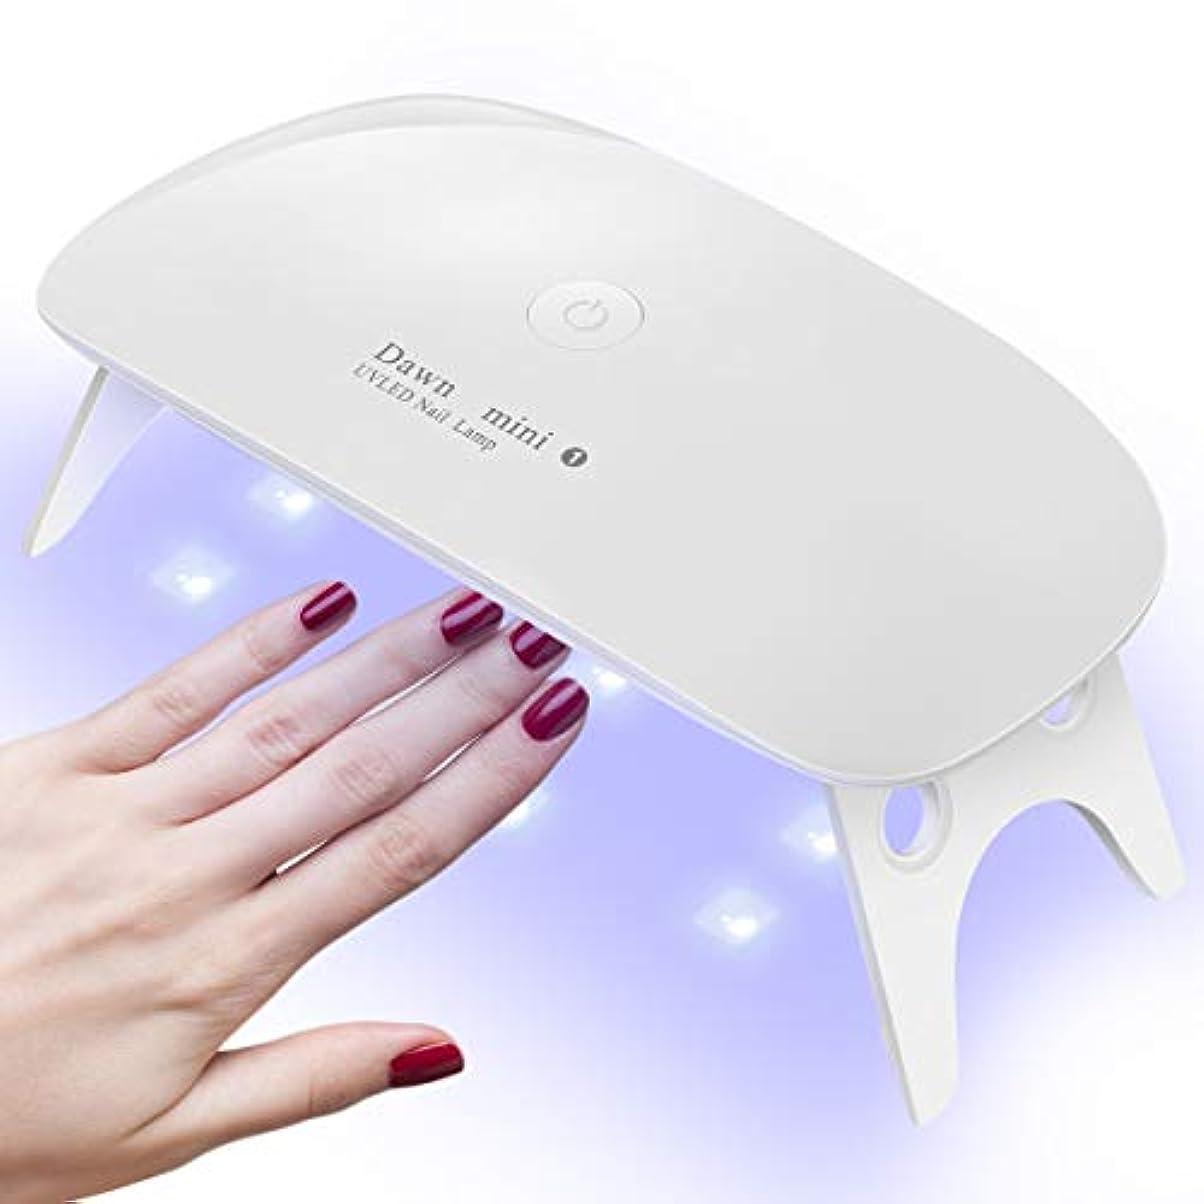 電話に出るキャベツそしてLEDネイルドライヤー UVライト レジン用 硬化ライト タイマー設定可能 折りたたみ式手足とも使える UV と LEDダブルライト ジェルネイル と レジンクラフト用